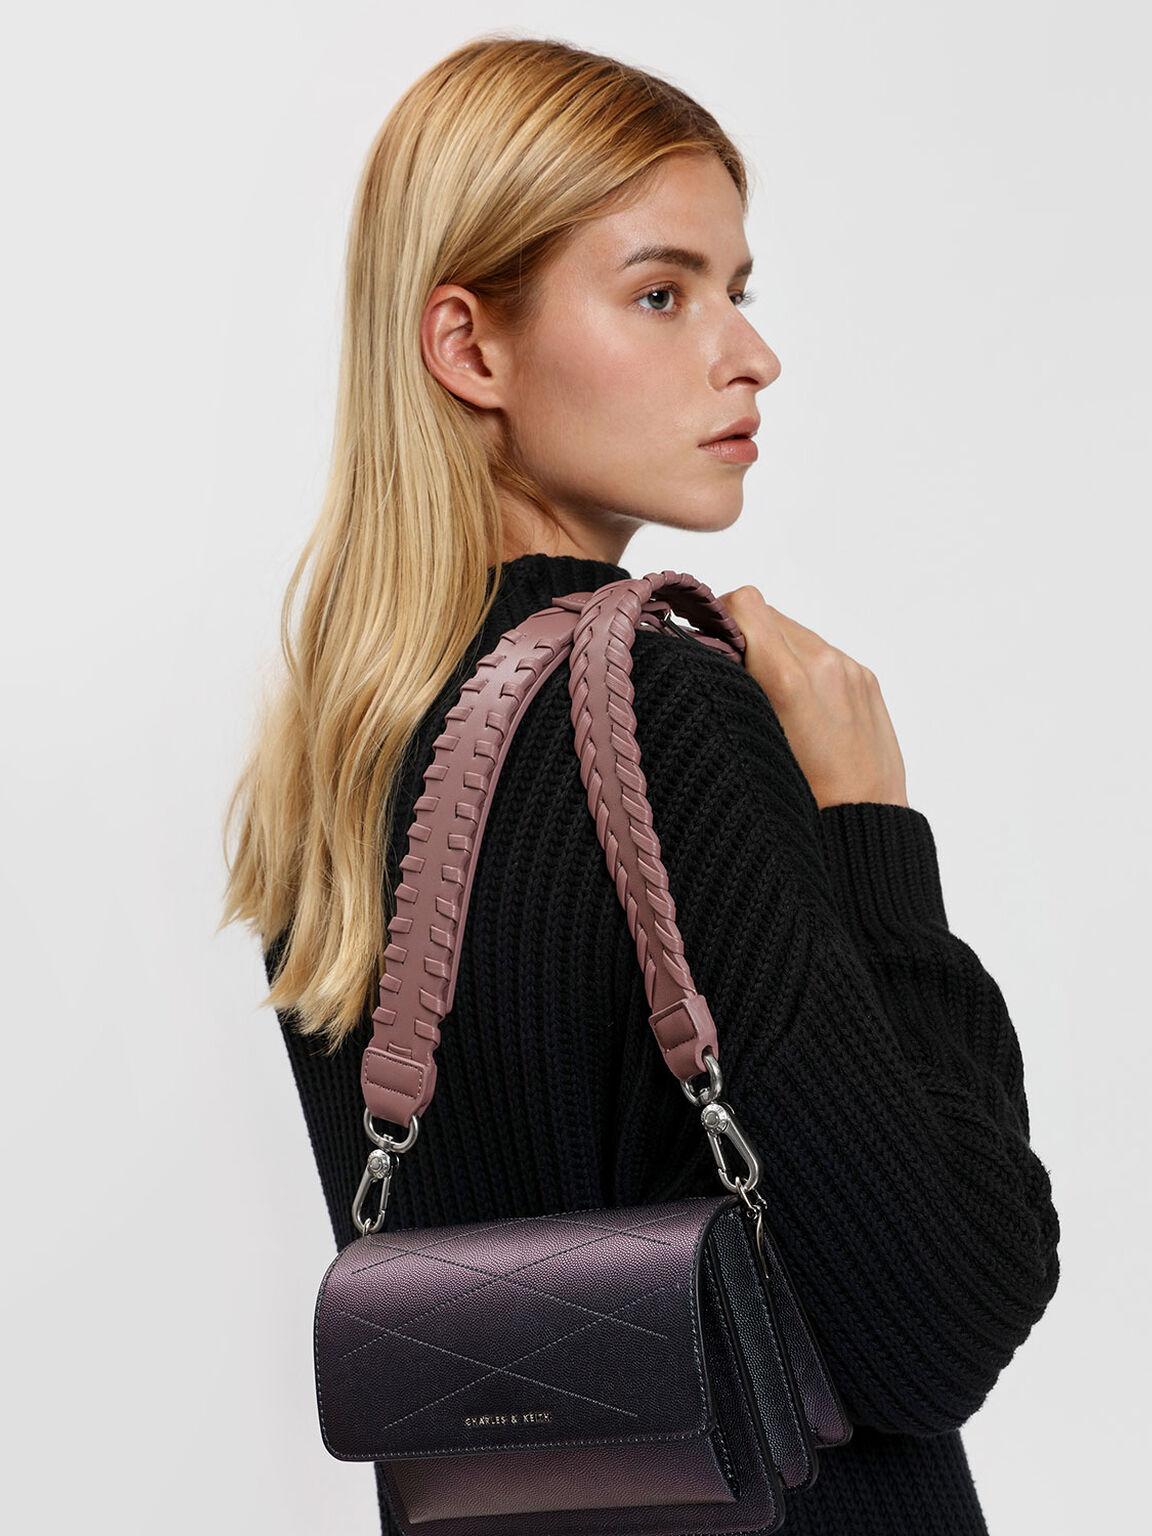 編織滾邊背帶, 紫灰色, hi-res